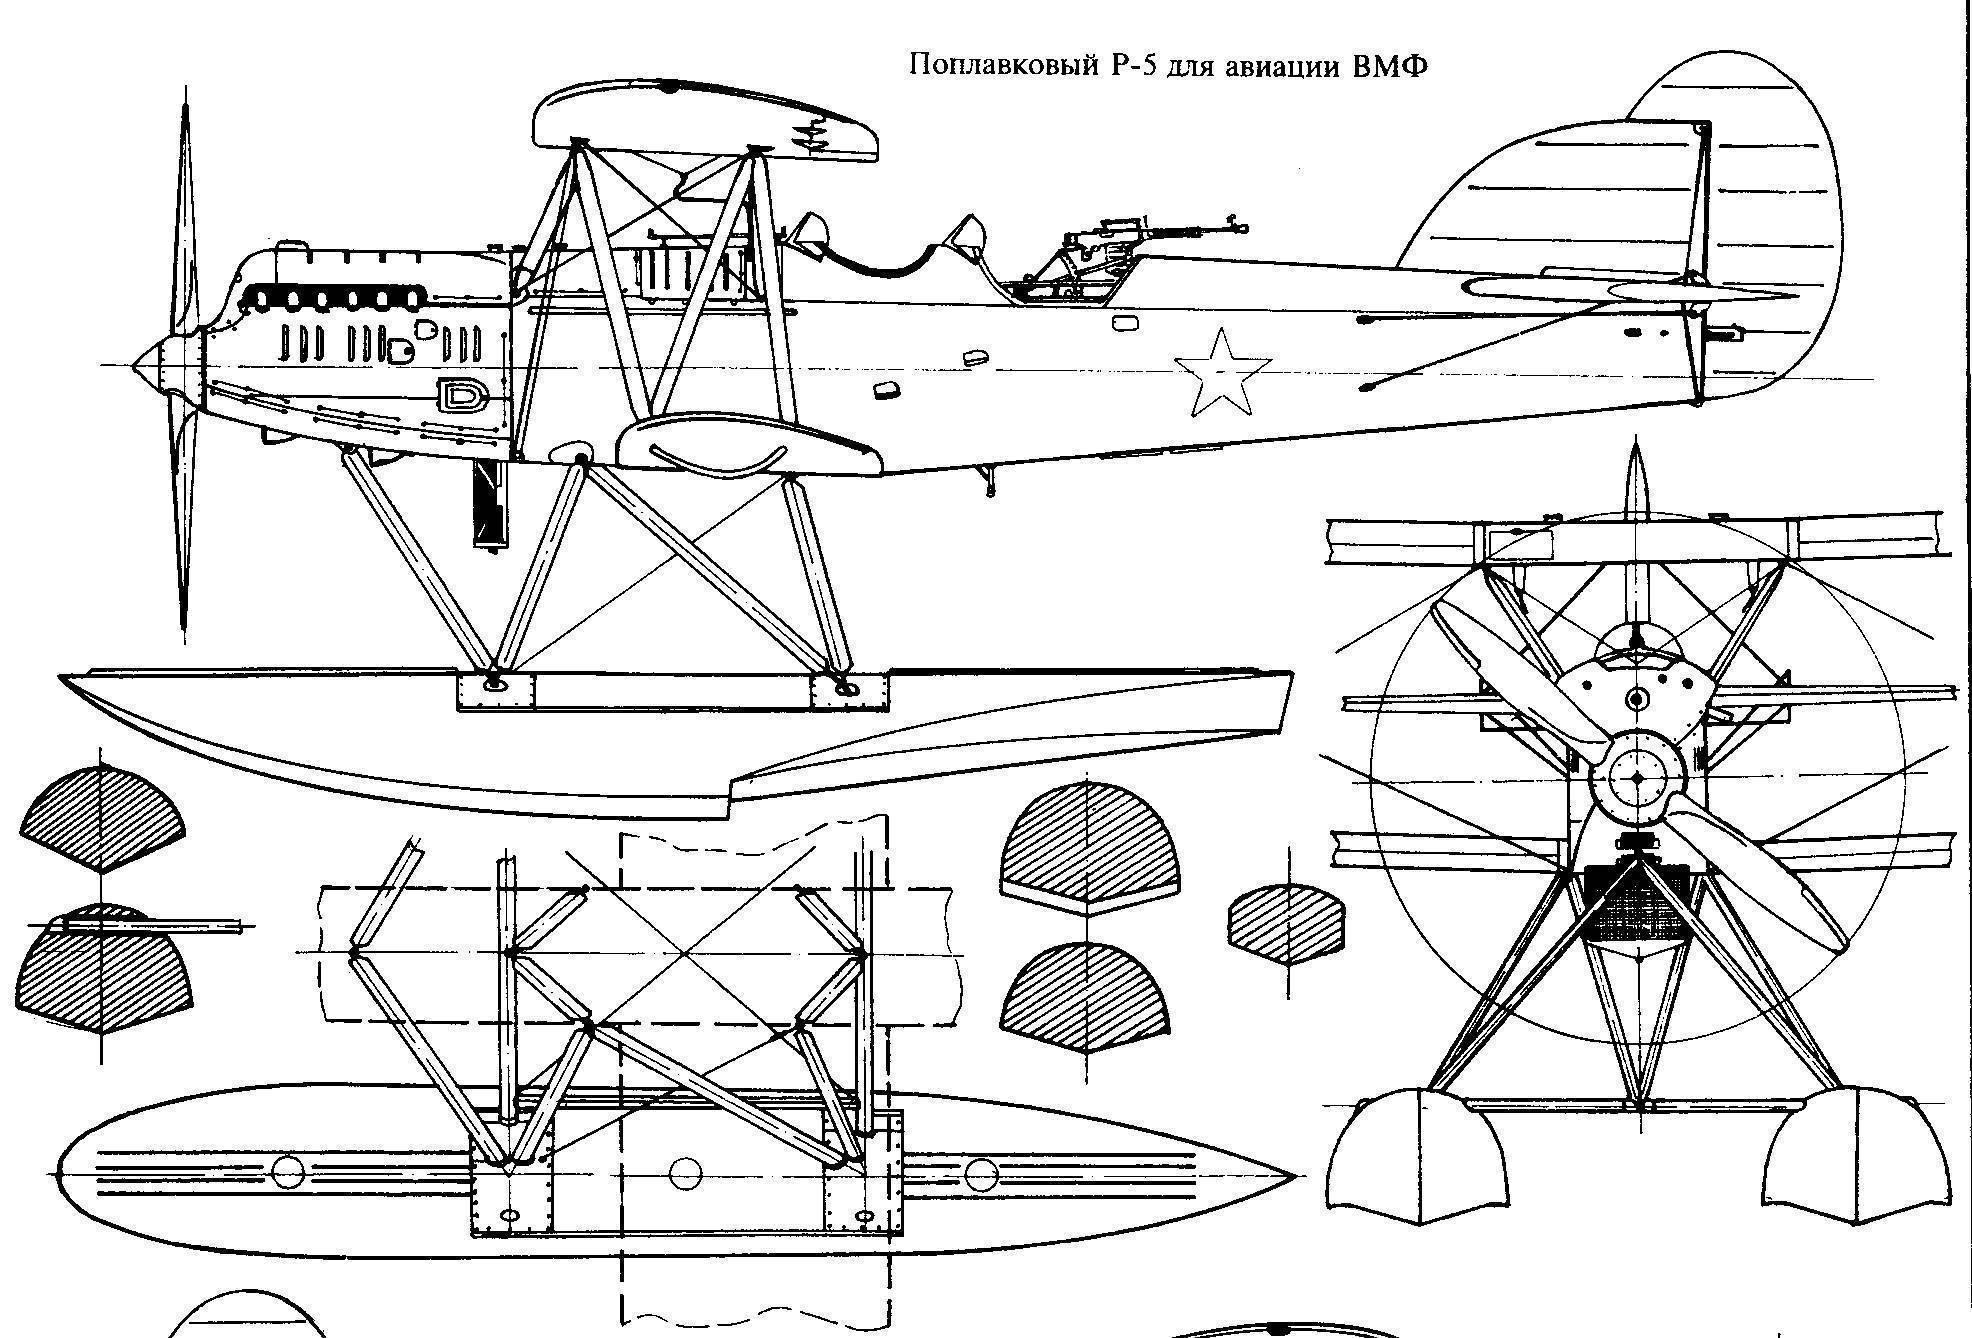 Читать онлайн король истребителей боевые самолеты поликарпова